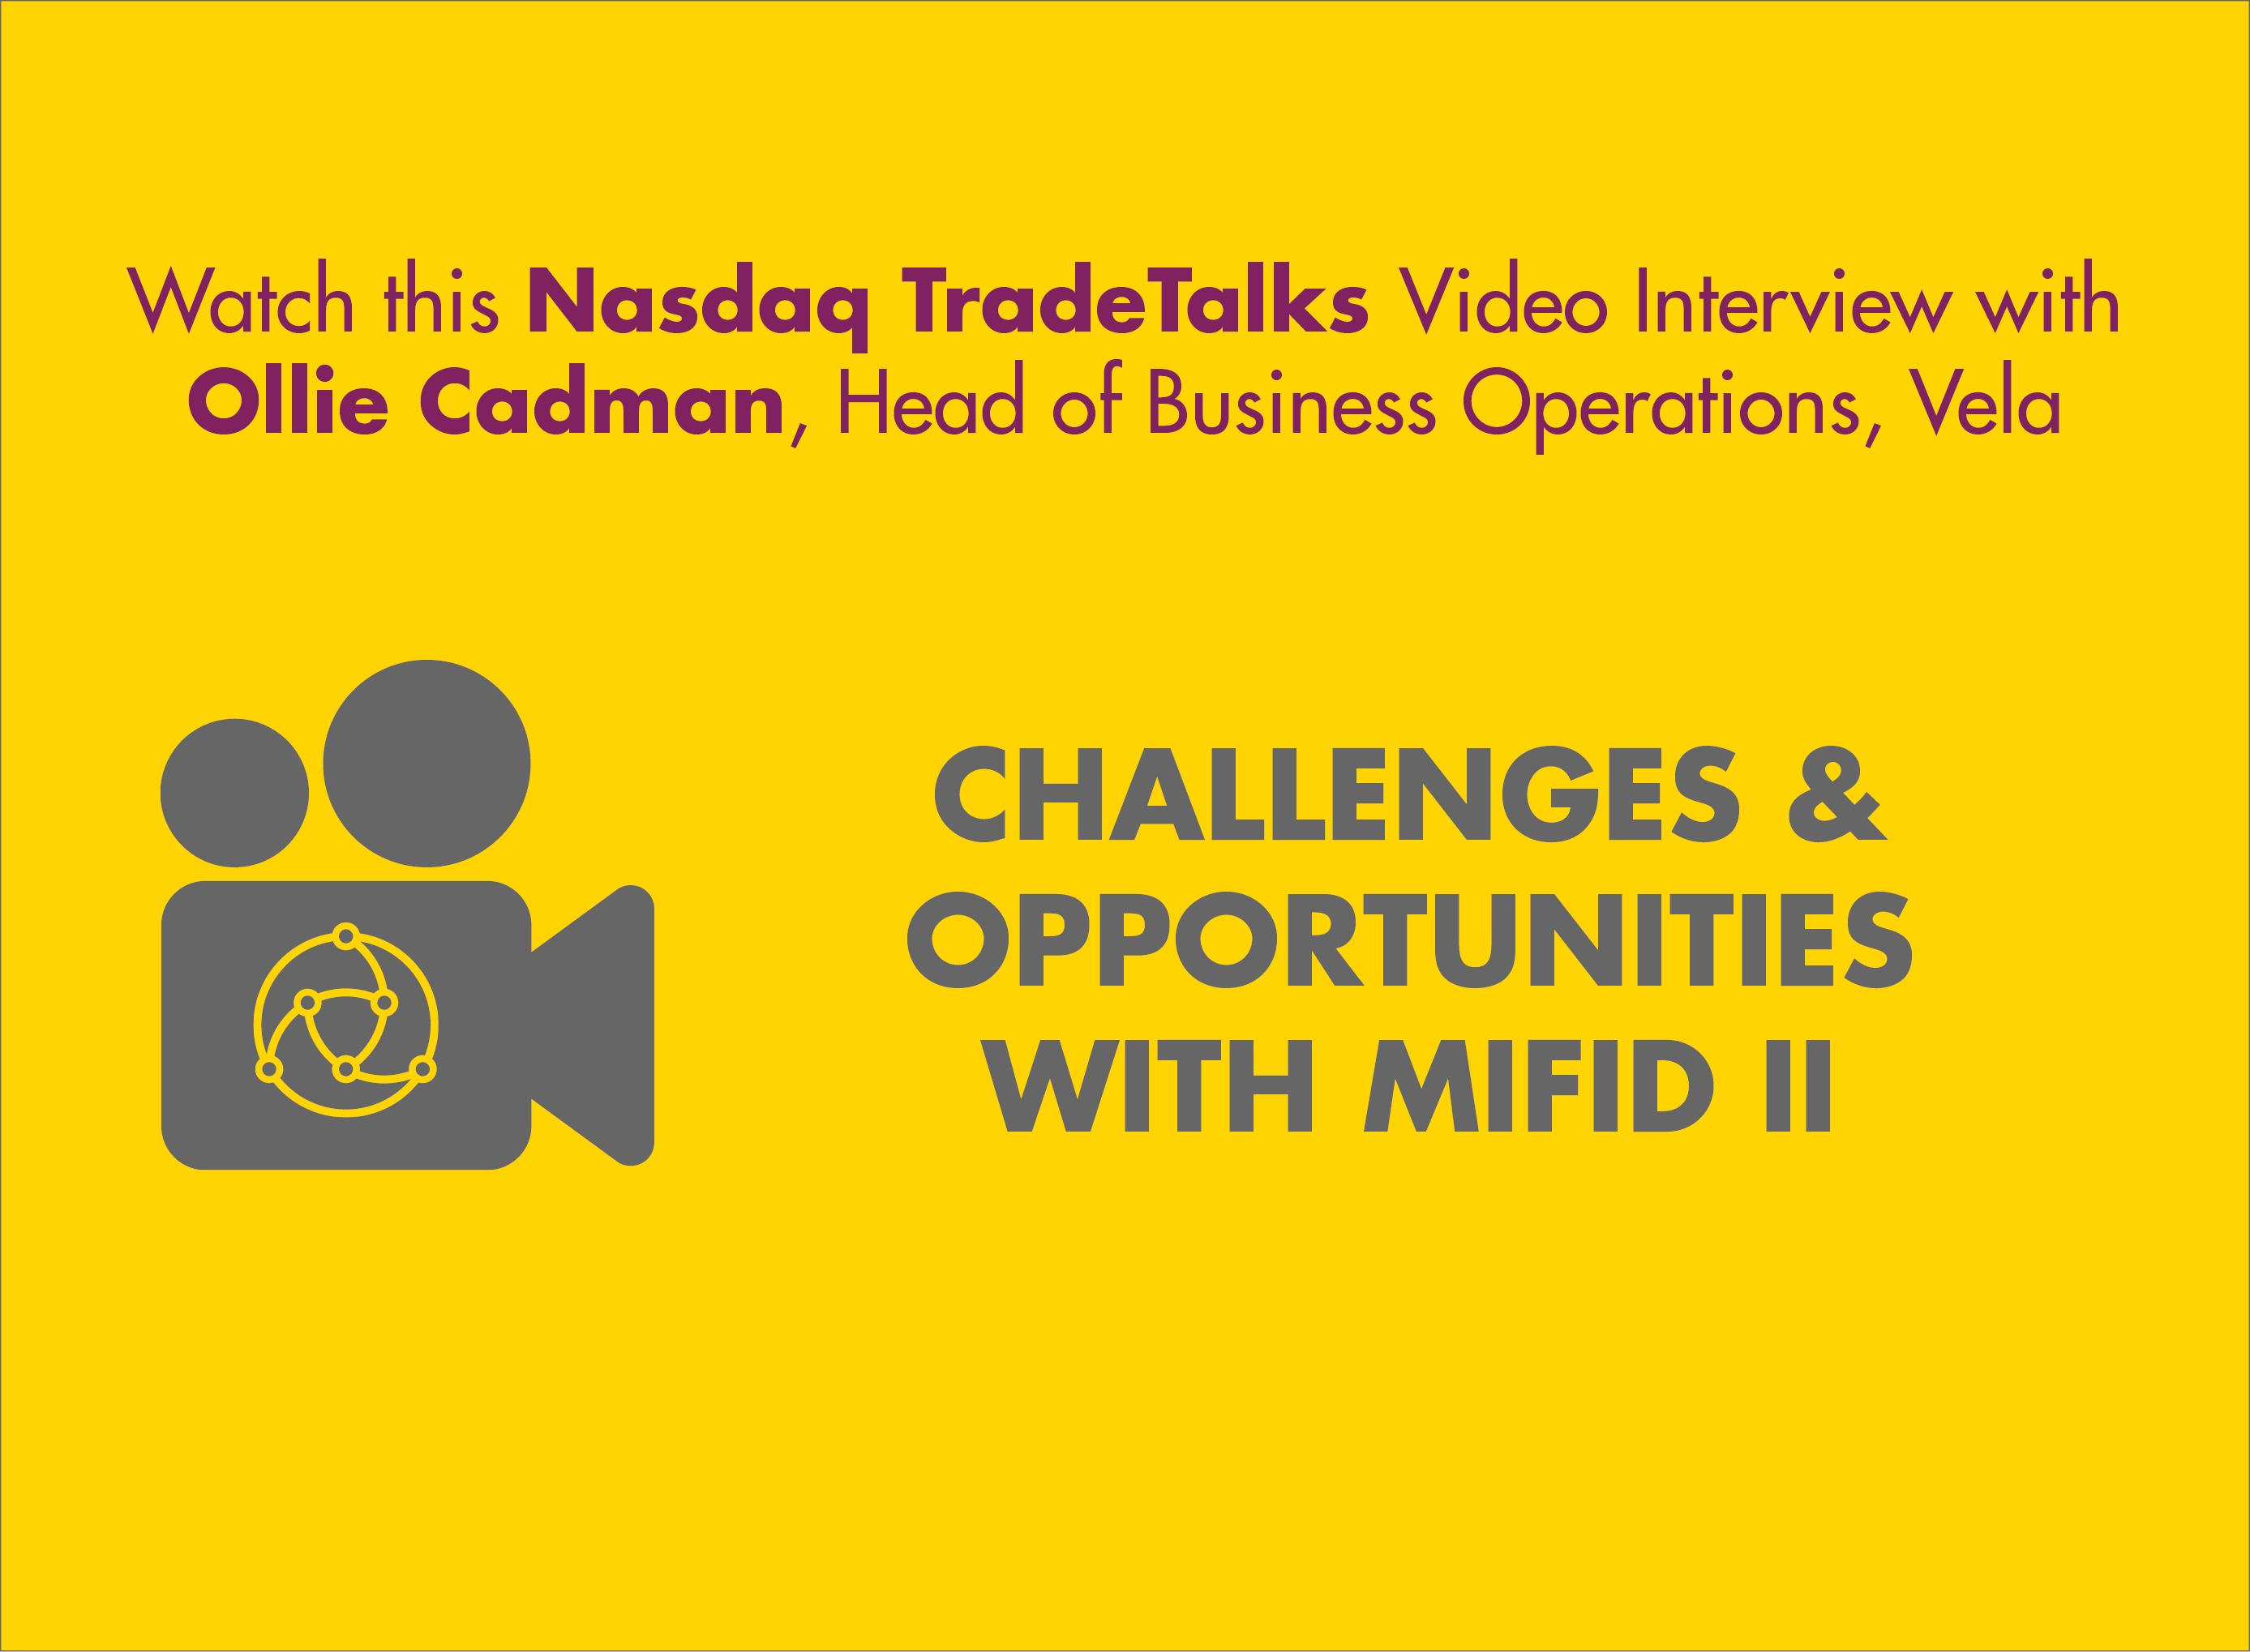 Nasdaq TradeTalks: Challenges & Opportunities with MiFID II